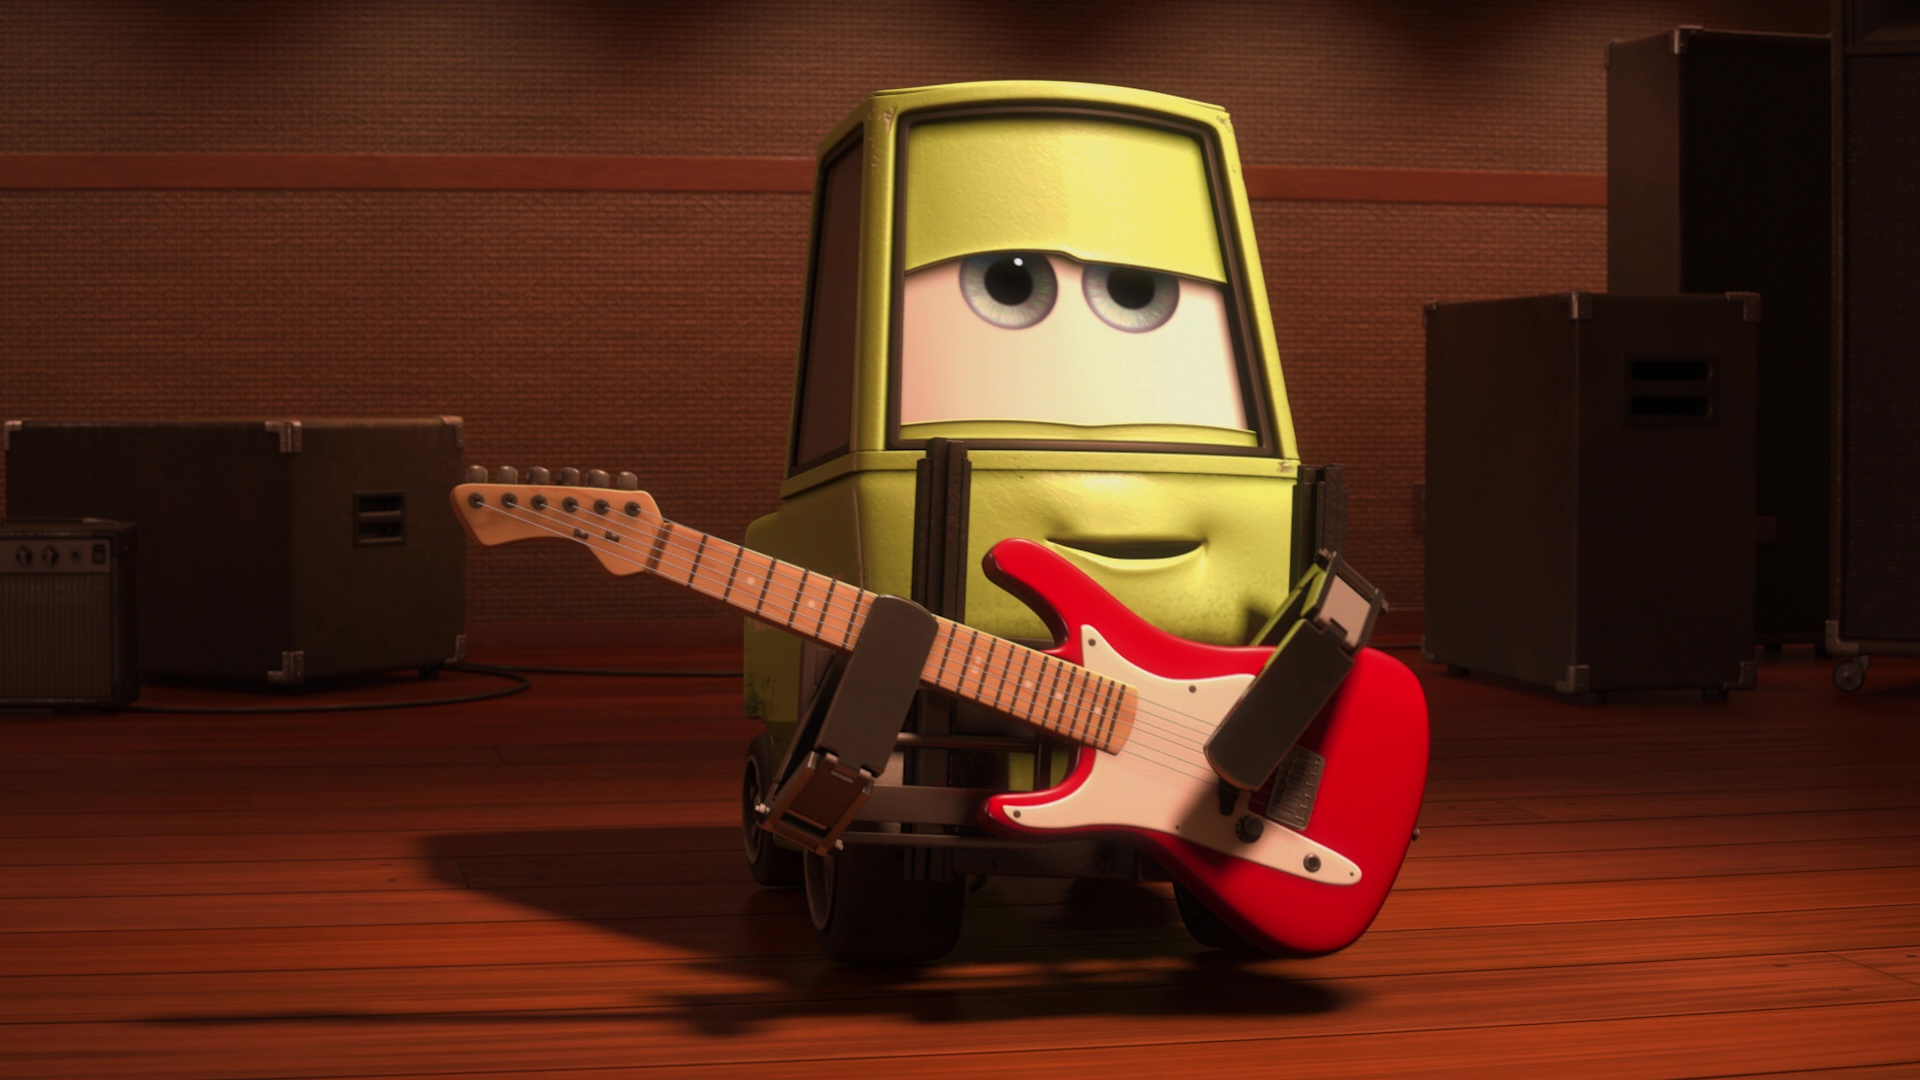 rocky-cars-toon-heavy-metal-martin-02